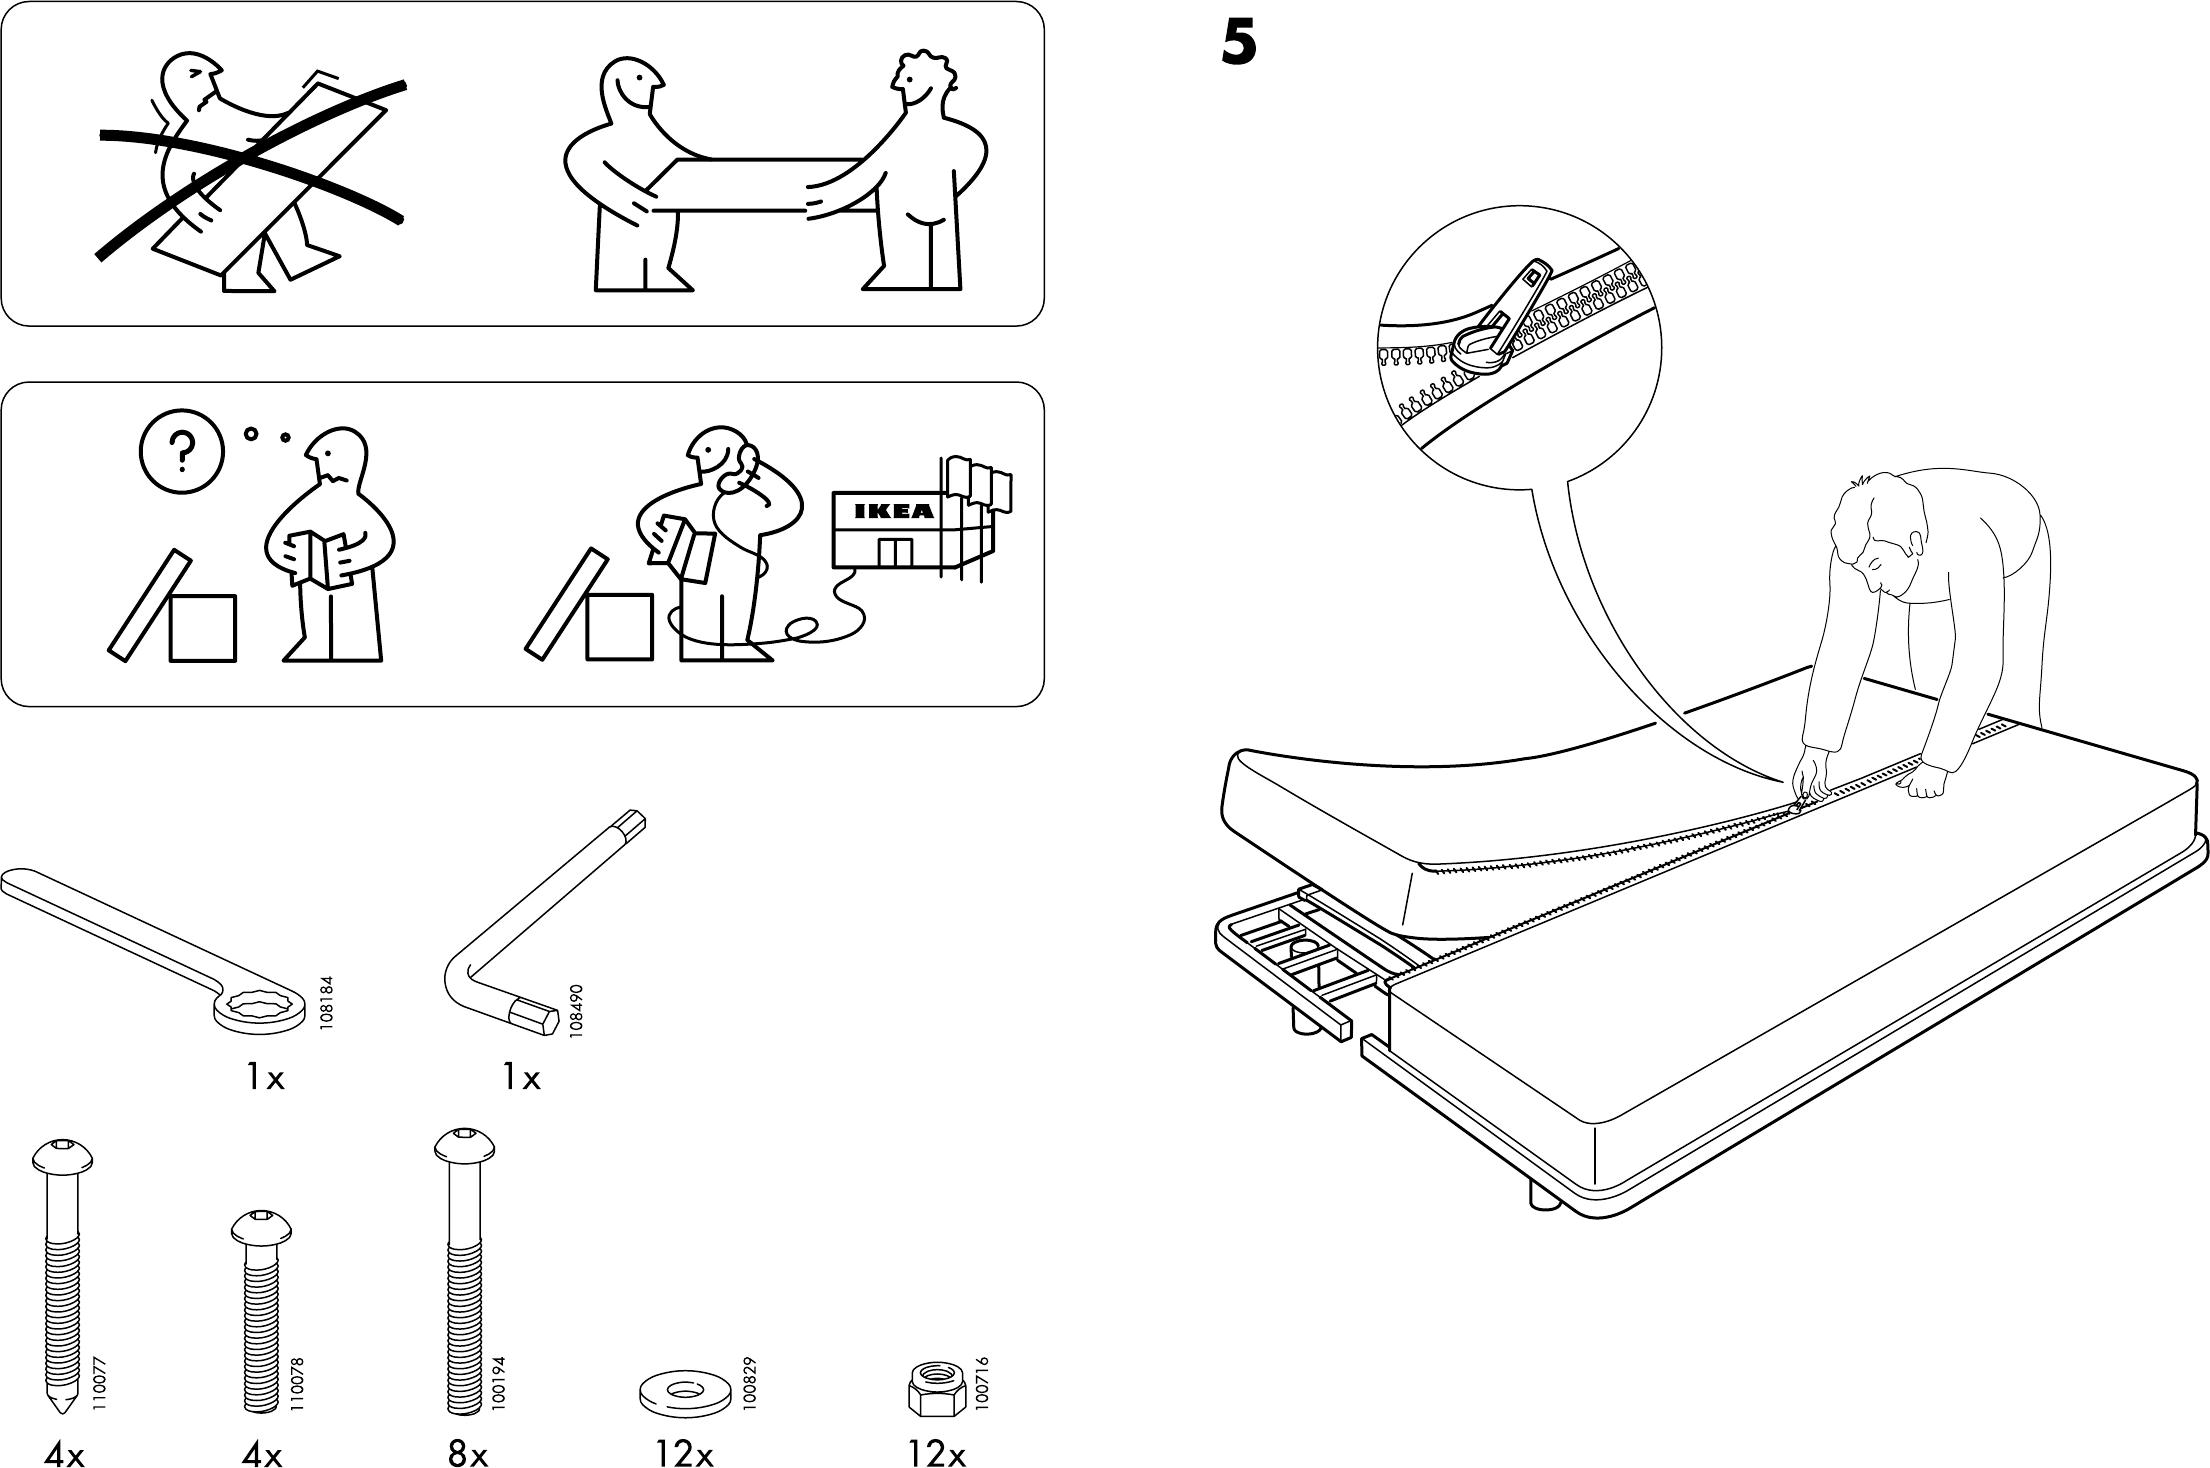 Ikea Beddinge Slaapbank Grijs.Handleiding Ikea Beddinge Slaapbank Pagina 3 Van 4 Dansk